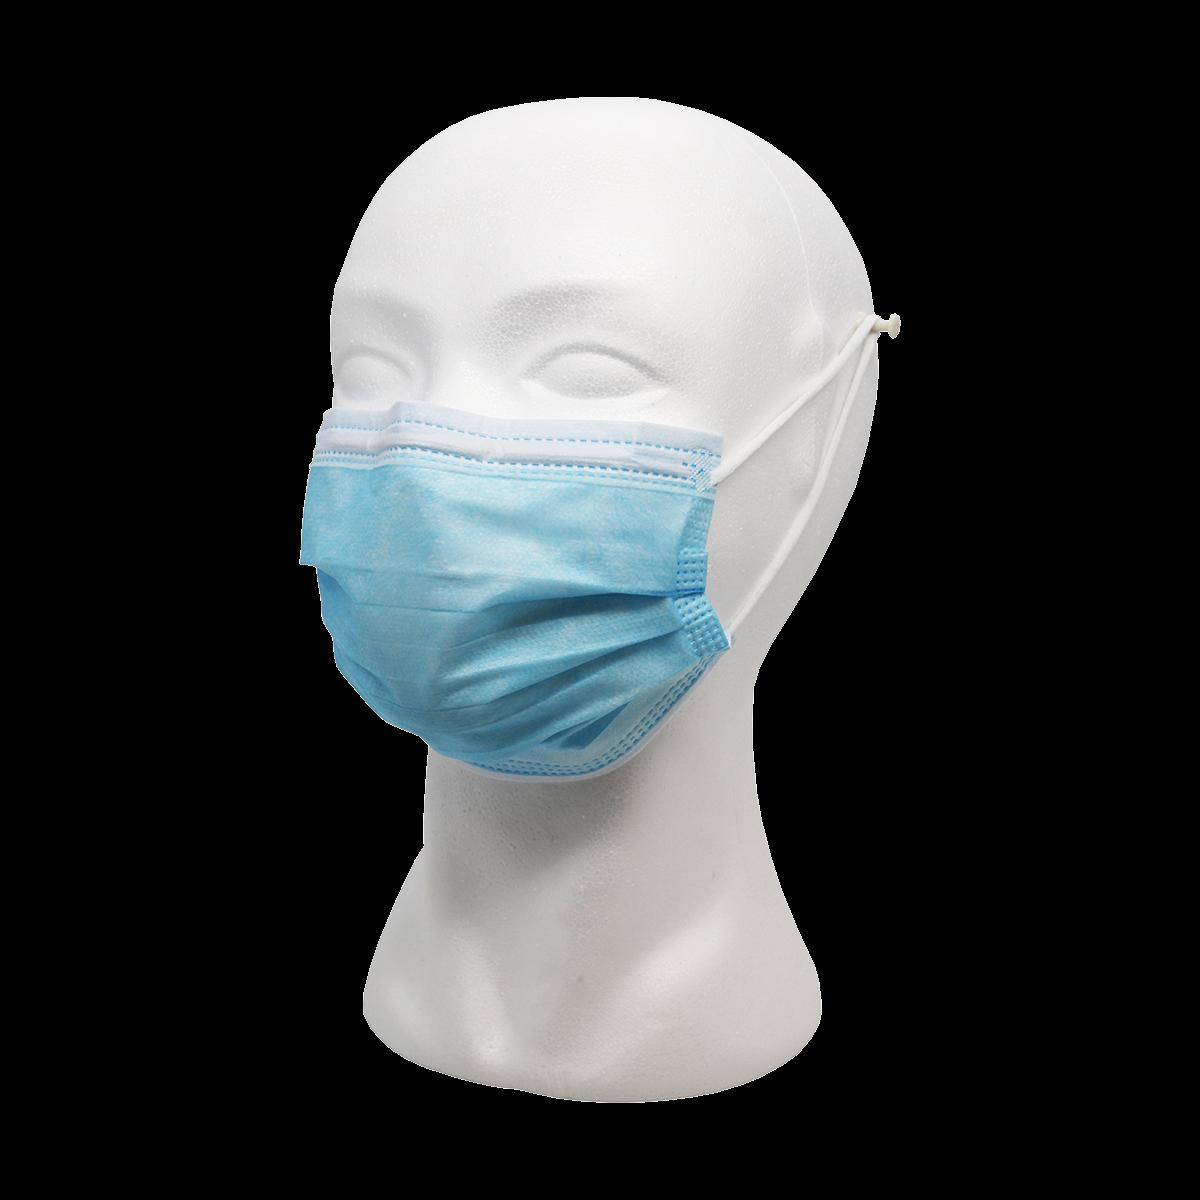 50 Chirurgischer Mundschutz / Medizinische Gesichtsmasken